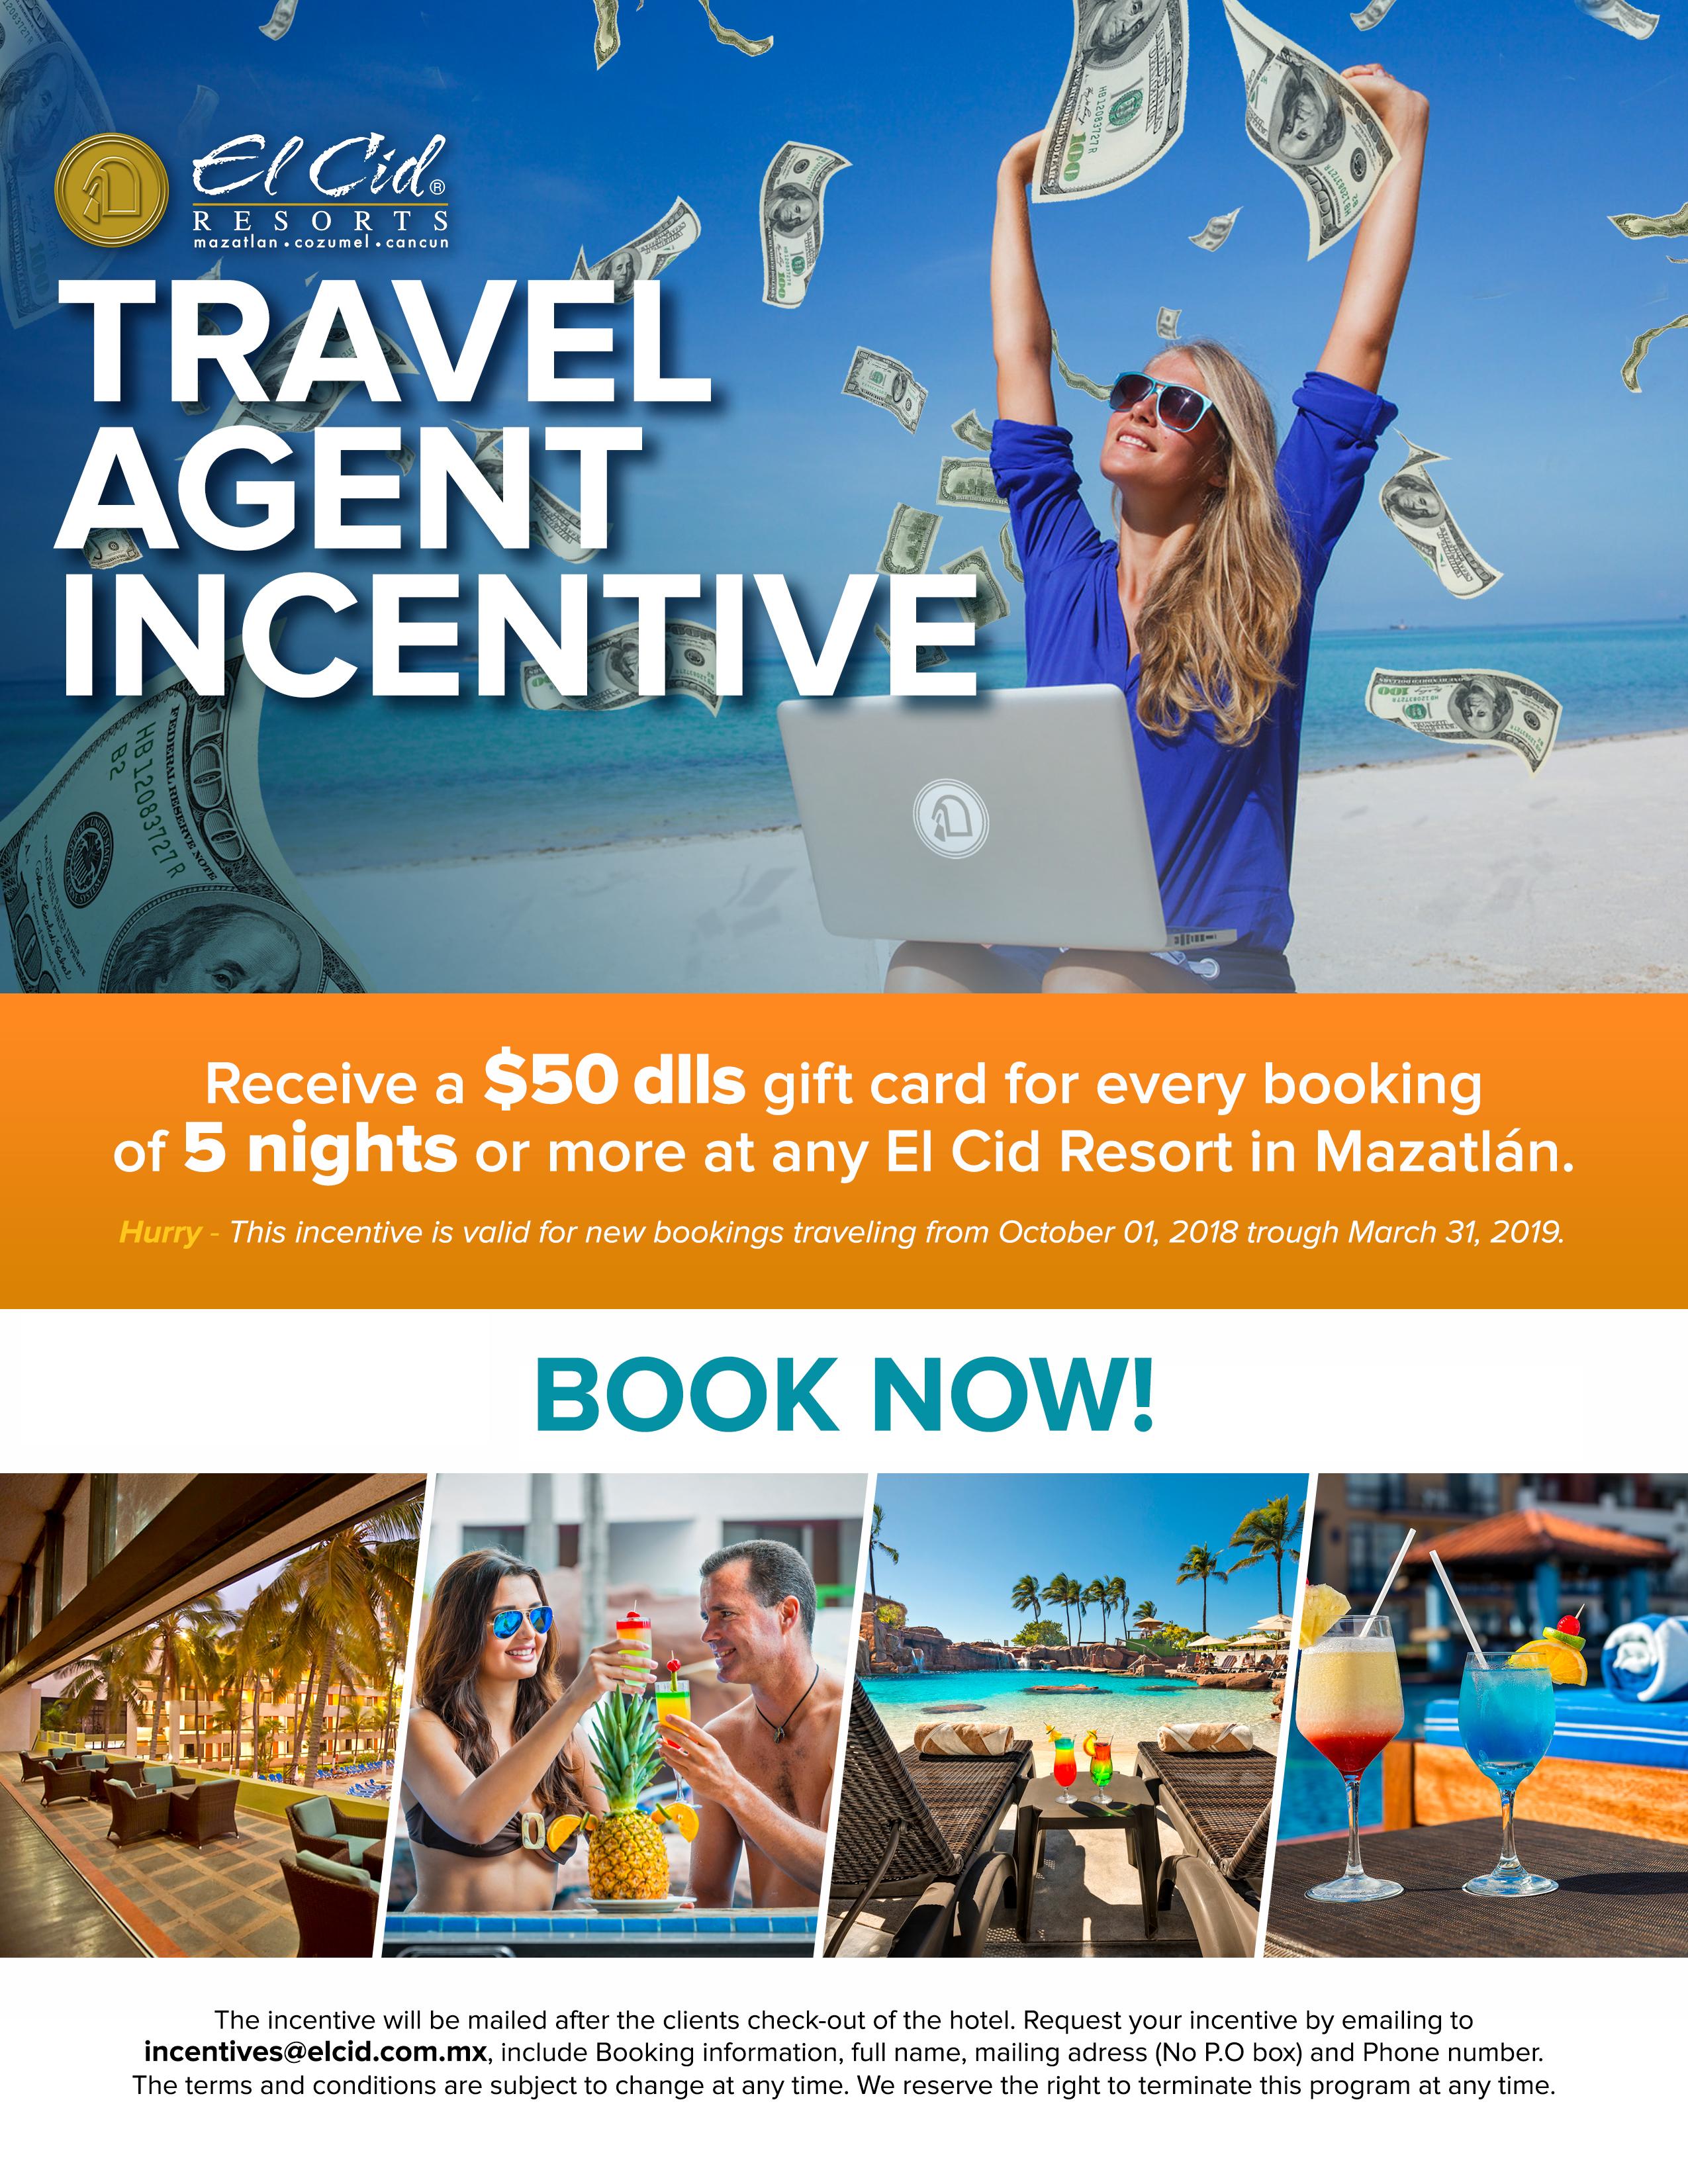 http://www.daemery.com/detm/promotions/ElCid/2019-03_El_Cid_Incentives_Flyer_June_4_2018.jpg